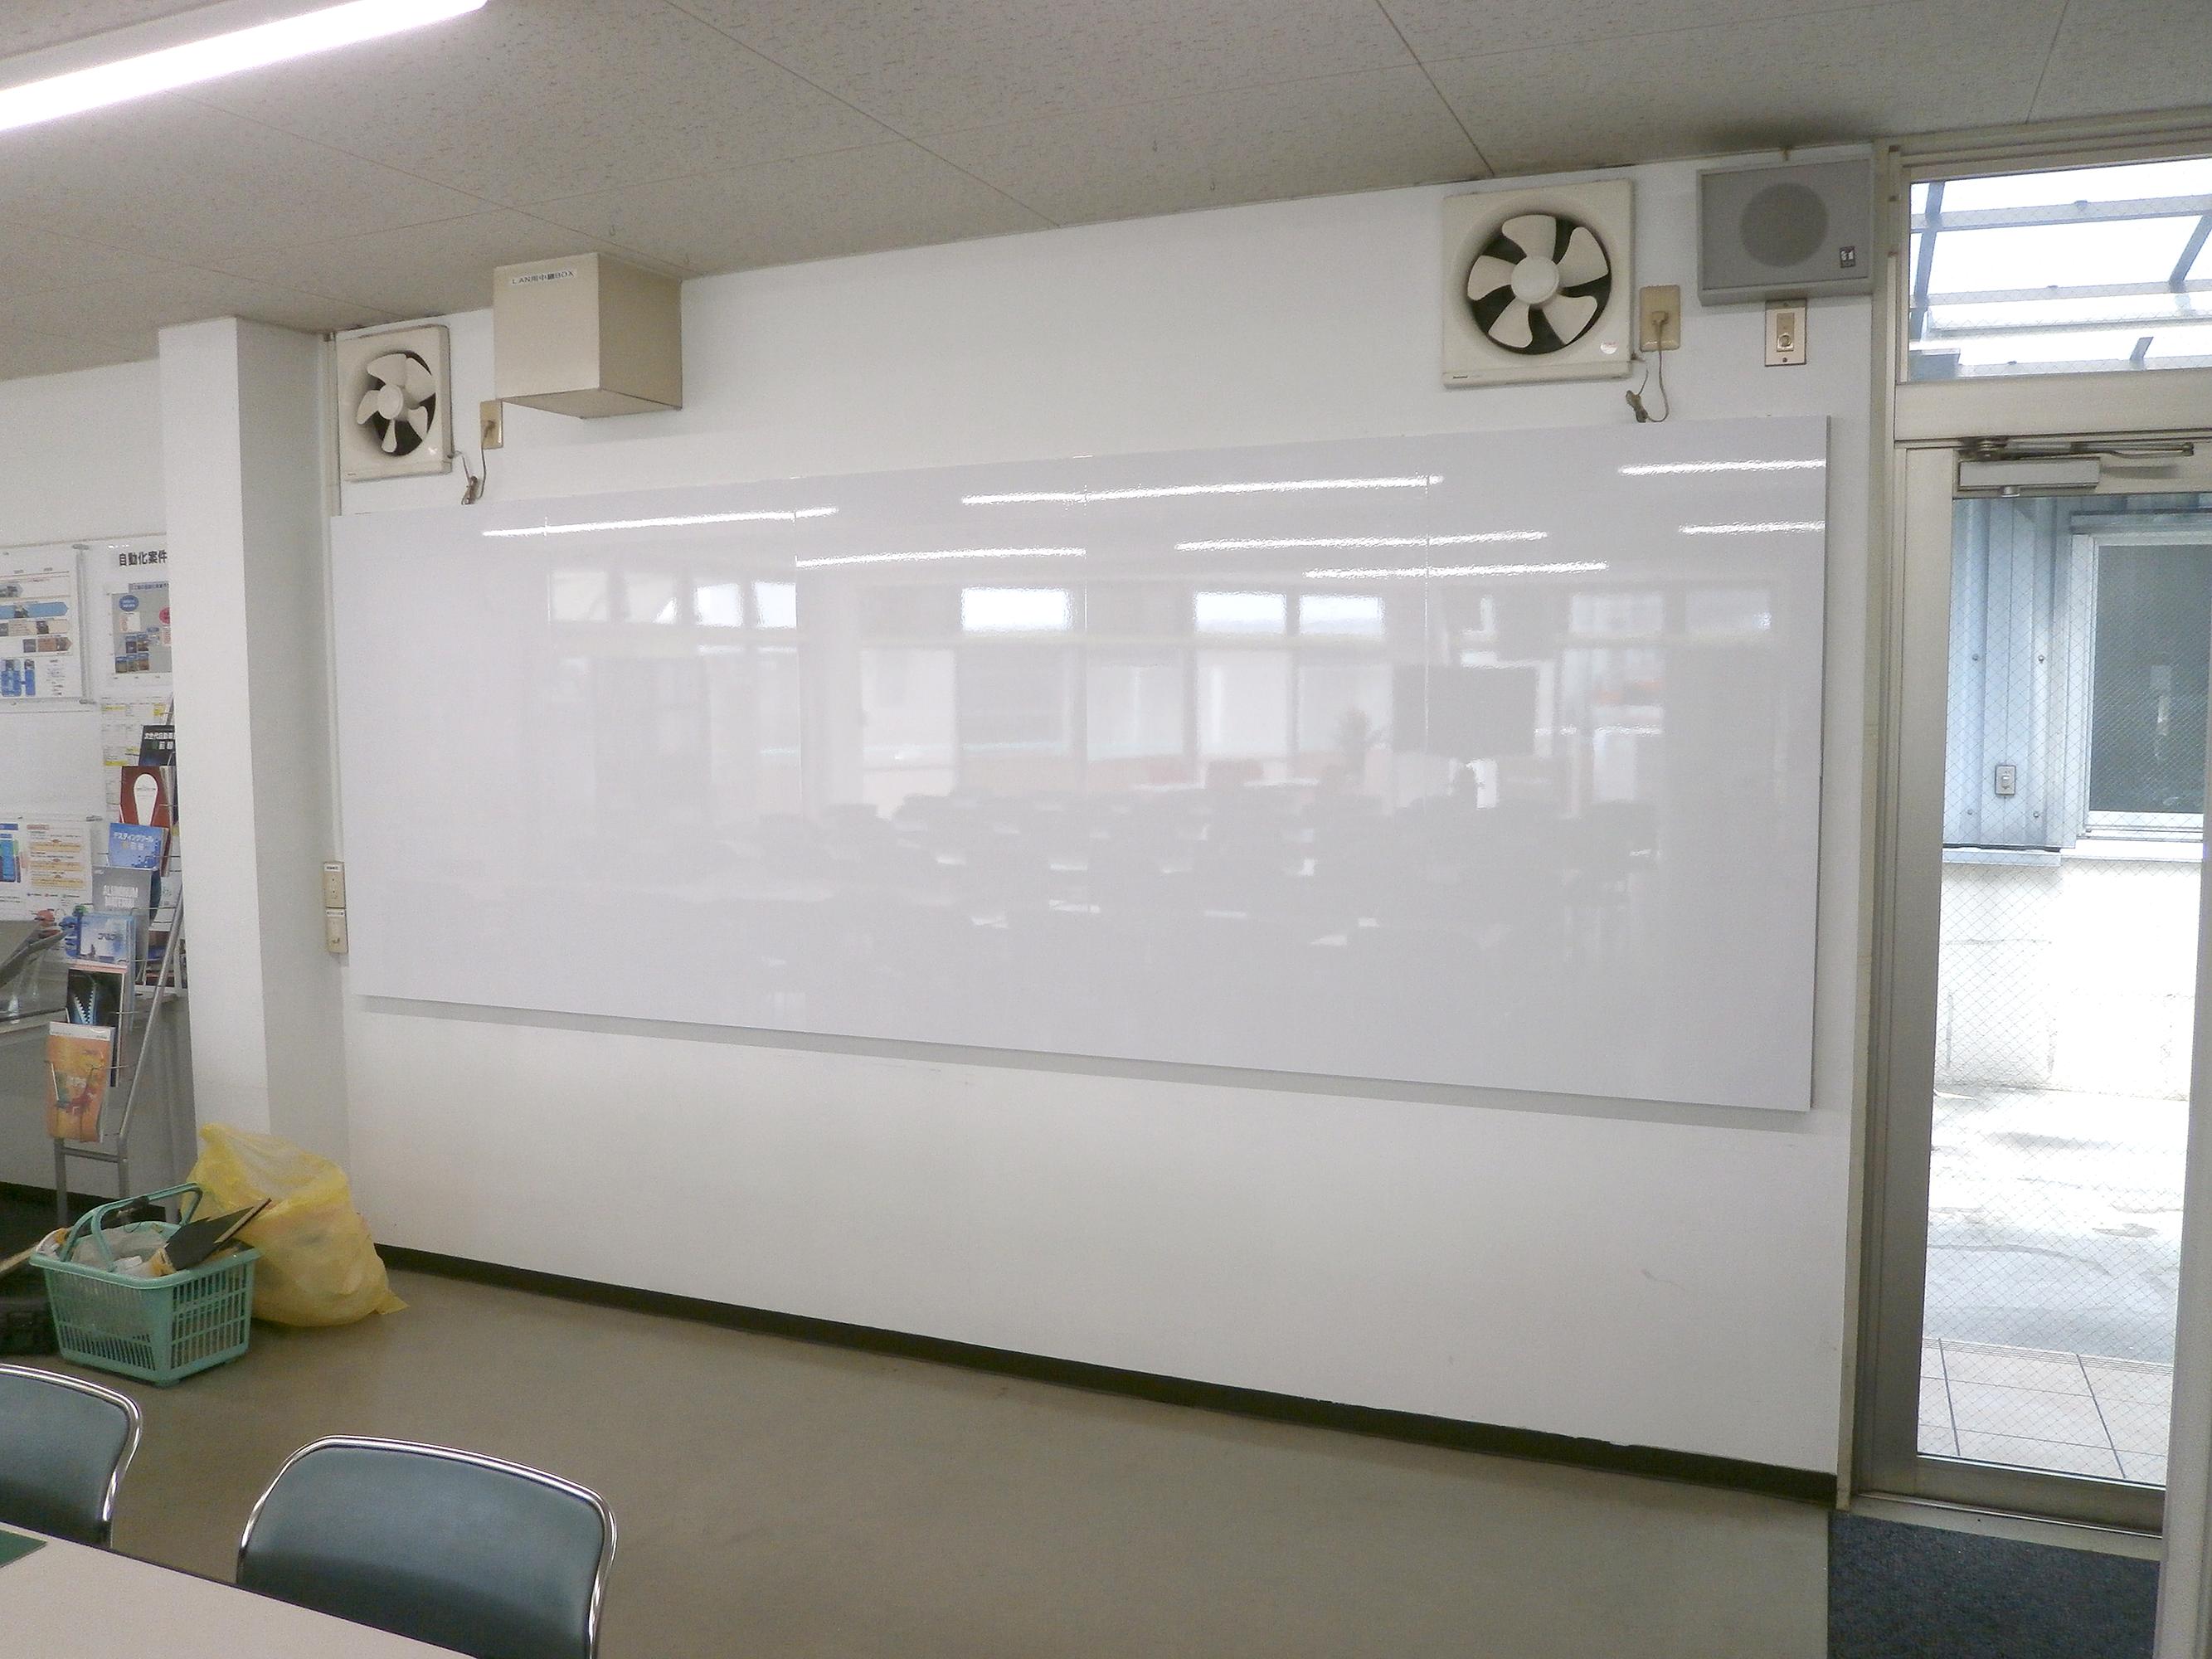 ホワイトボード・黒板看板施工事例写真 愛知県 既製品にはない特注サイズのオリジナルホワイトボードを取付させていただきました